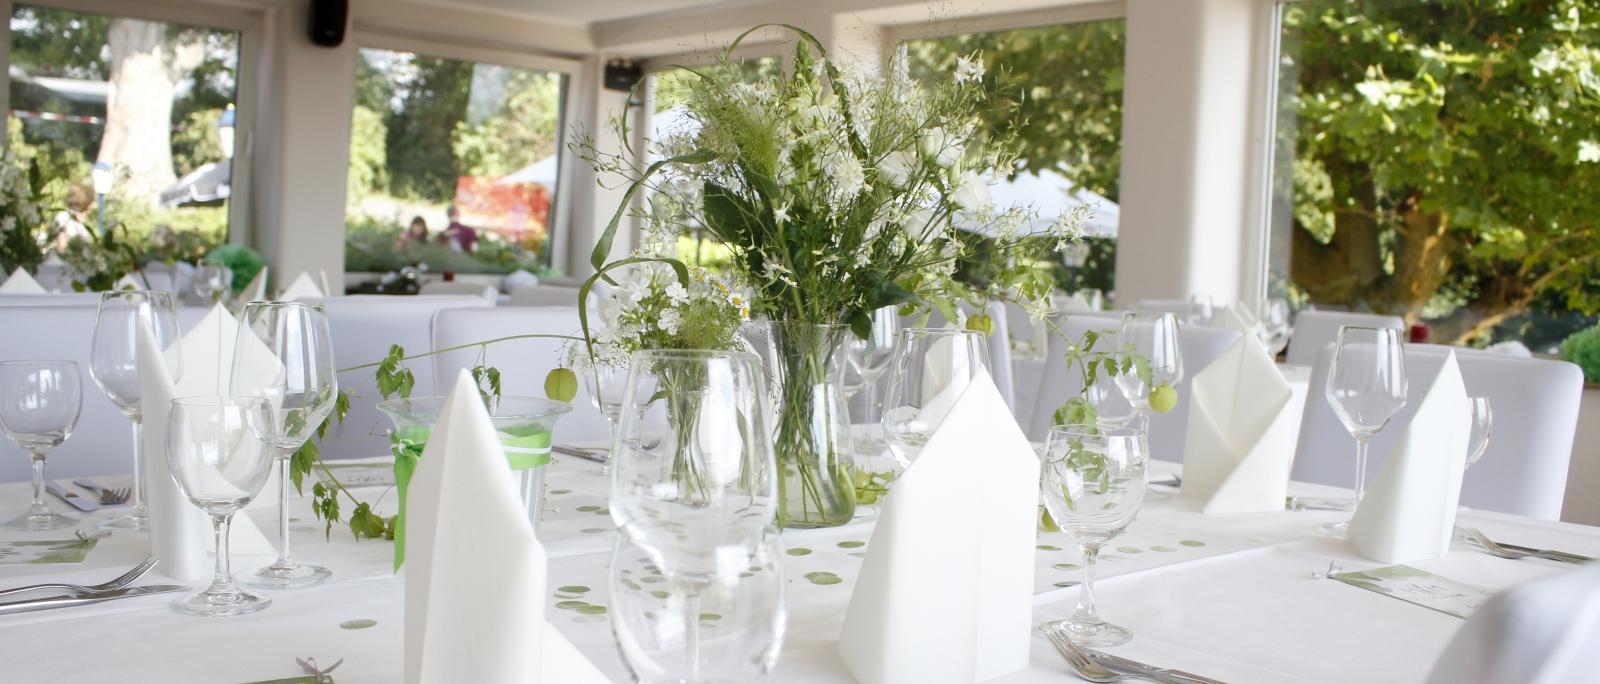 Heimliche Liebe Essen Hochzeitslocation